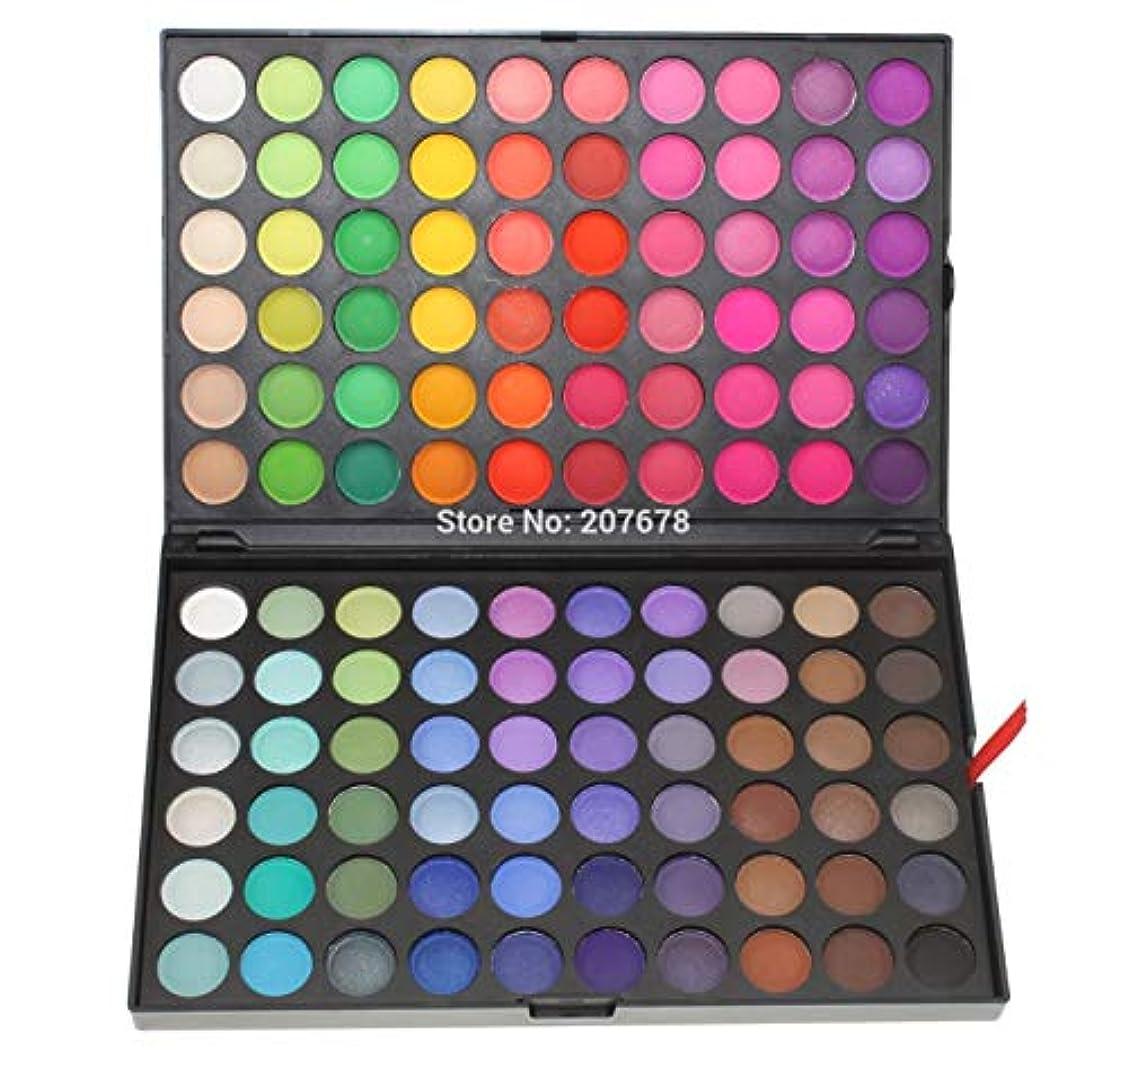 始める海外で悲しむ120 Color EyeShadow Pallete Long-lasting Makeup Eye Shadow Waterproof Beauty Matte Minerals Cosmetics Set Eyeshadow